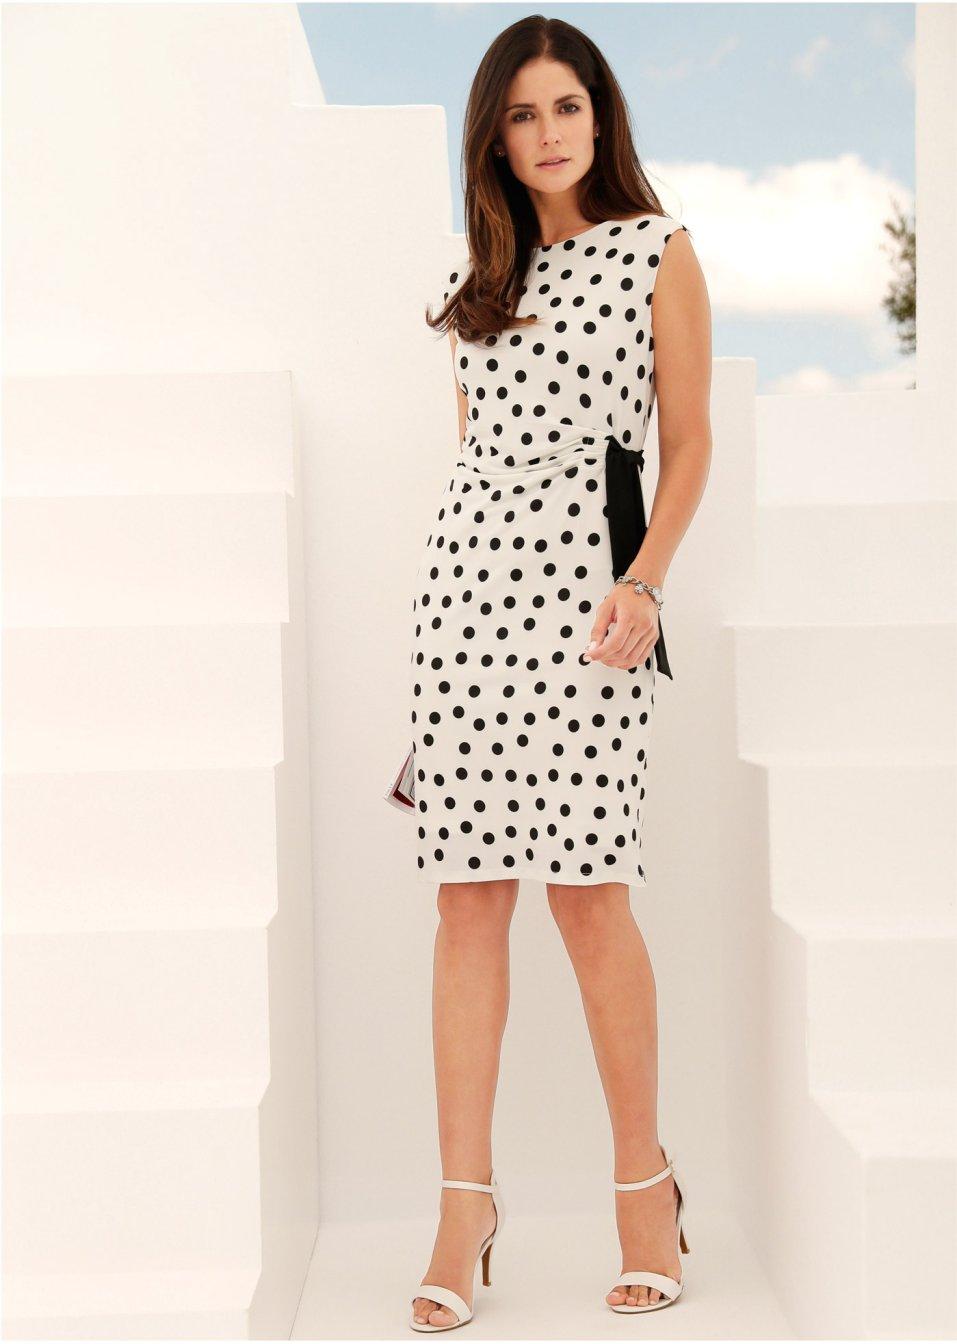 Kleid bedruckt weiß/schwarz gepunktet - bpc selection ...